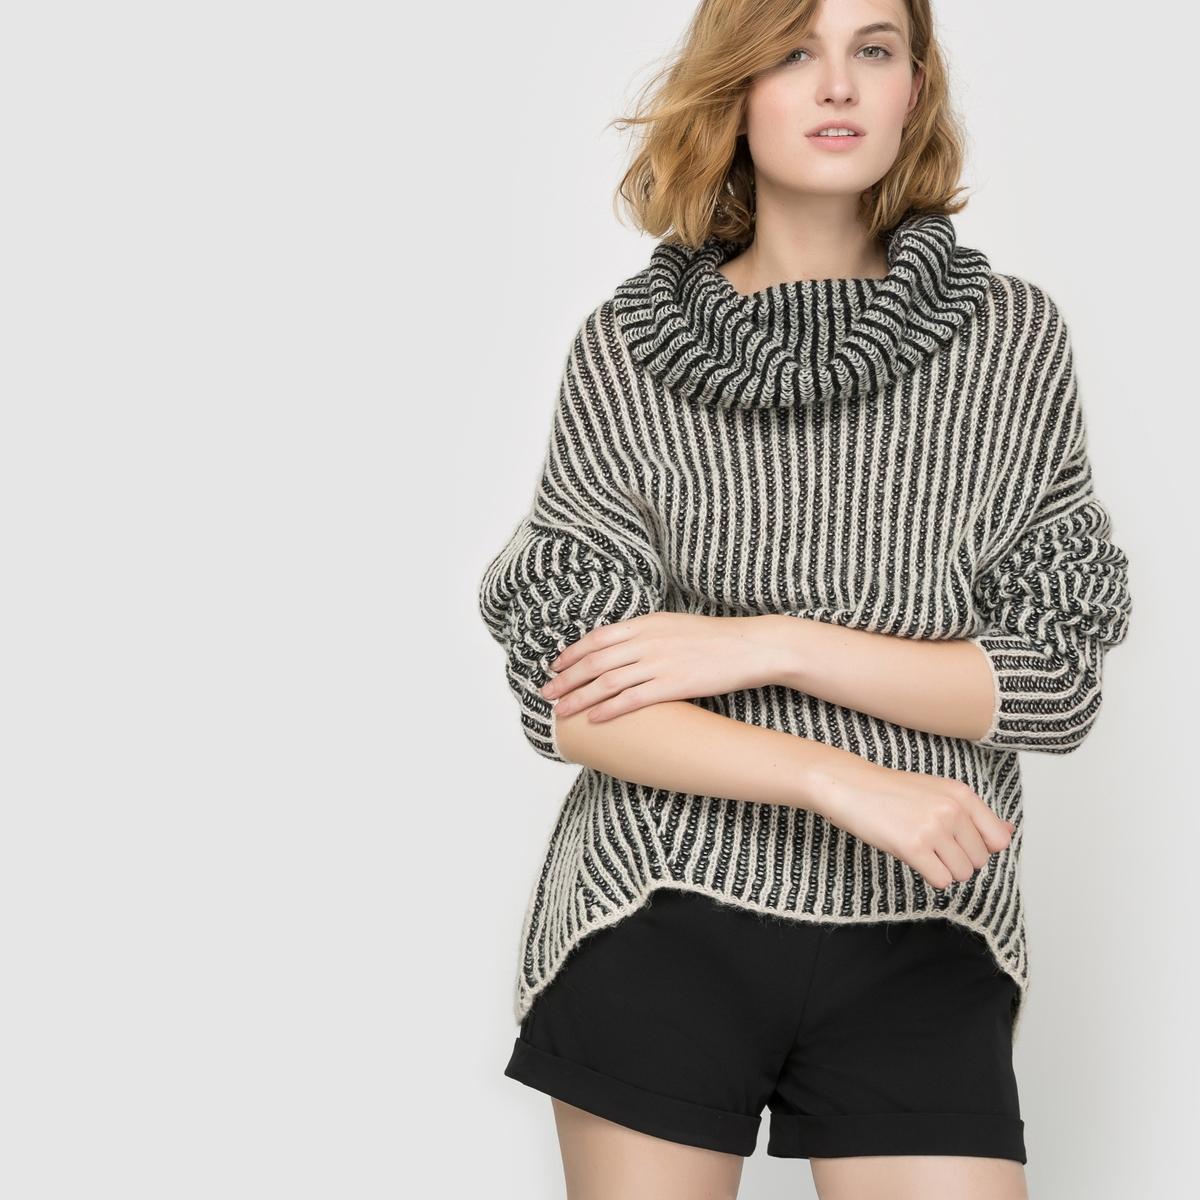 Пуловер двухцветный с округлым вырезом  VISTRIBA KNIT TOPСостав и описание :Материал : 70% акрила, 13% шерсти, 10% нейлона, 7% шерсти Марка : VILA.<br><br>Цвет: черный/ бежевый